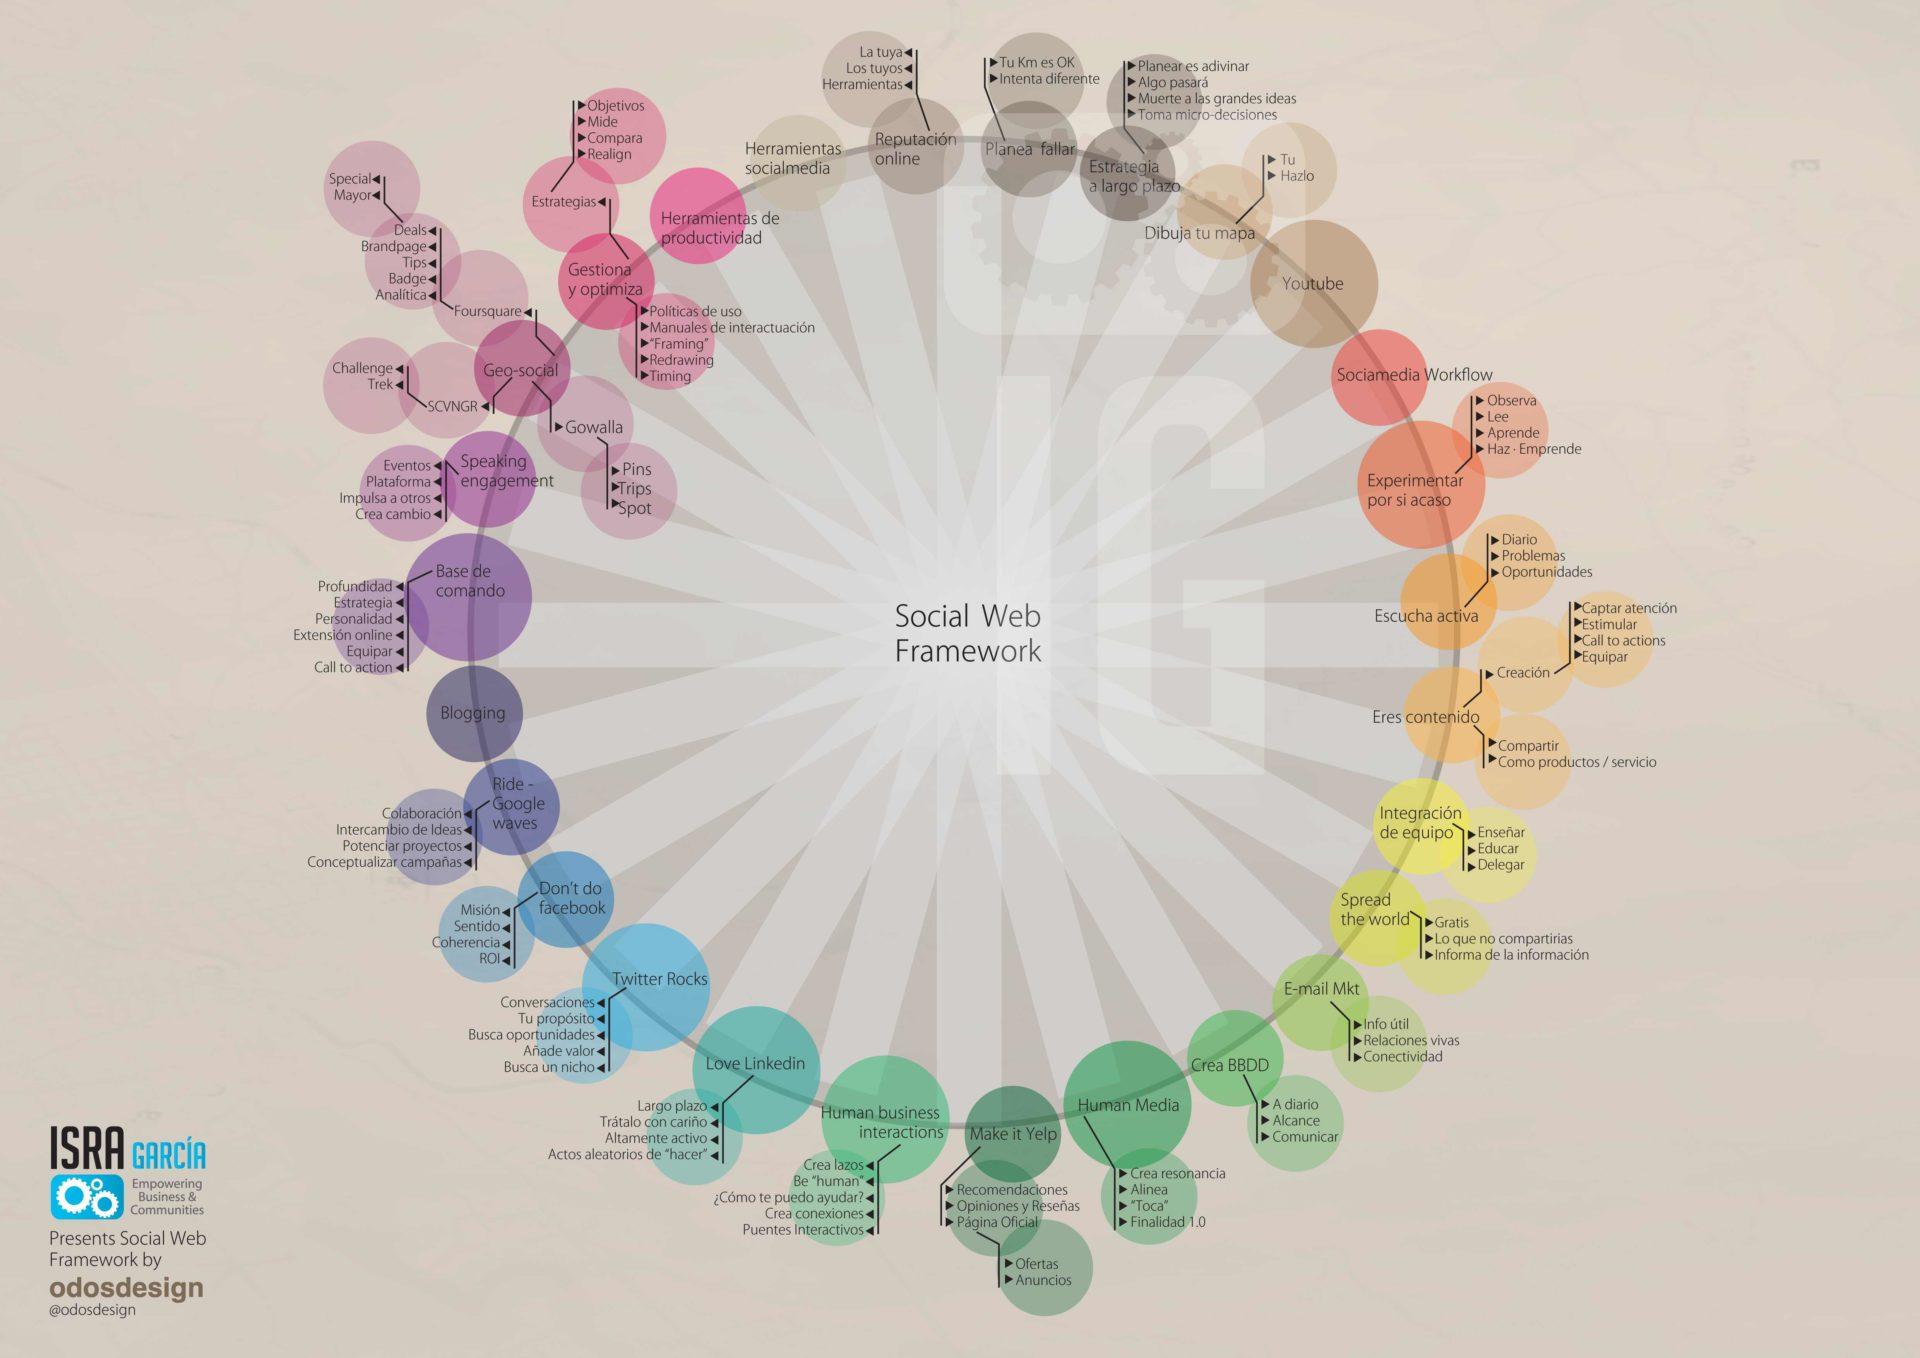 optimizando el ecosistema social media